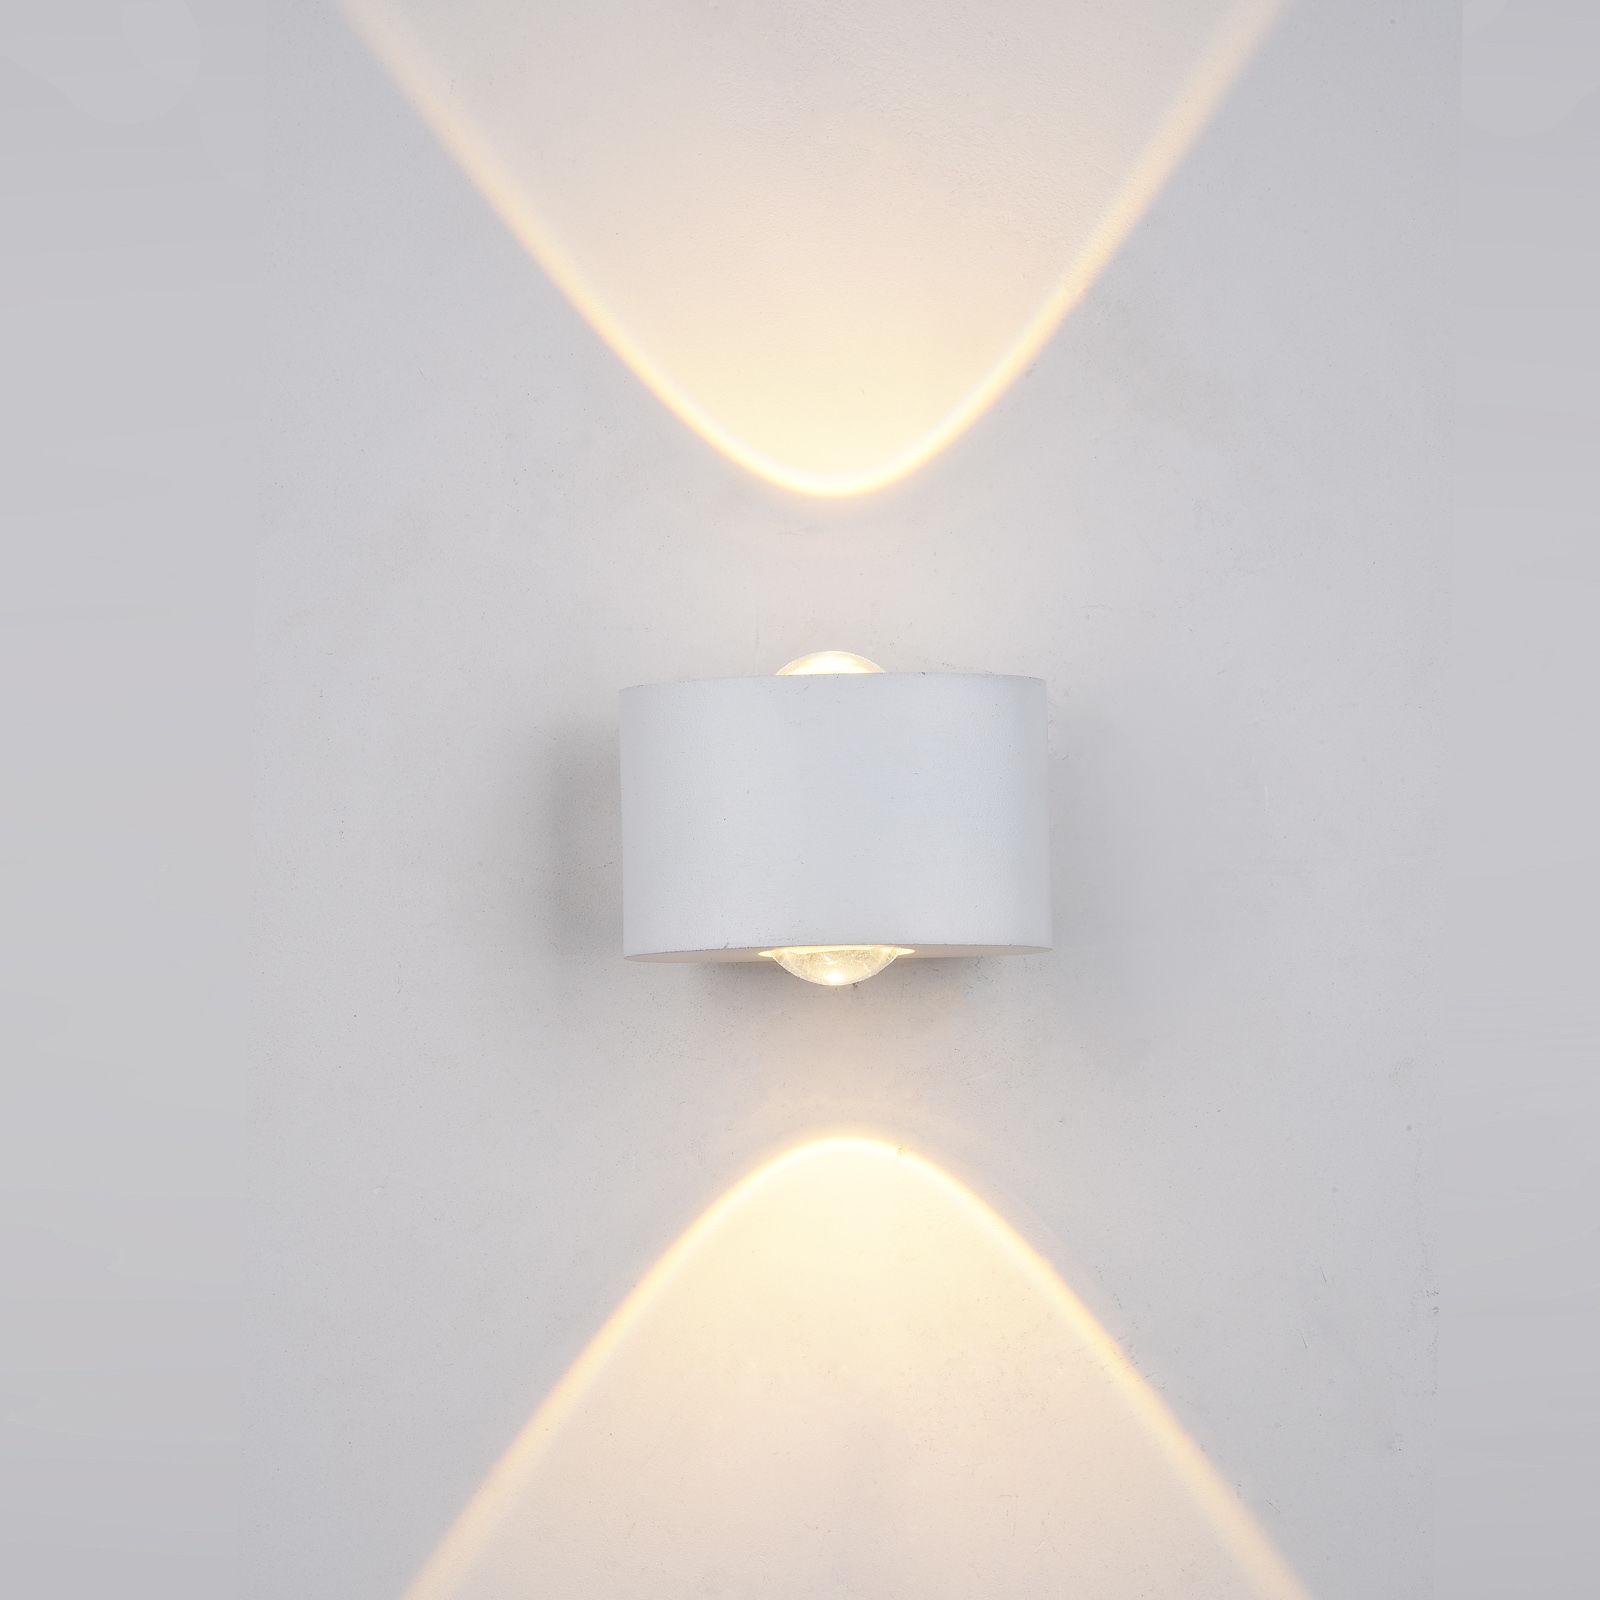 Italux kinkiet lampa ścienna Gilberto PL-260W IP54 biały LED 2W 3000K